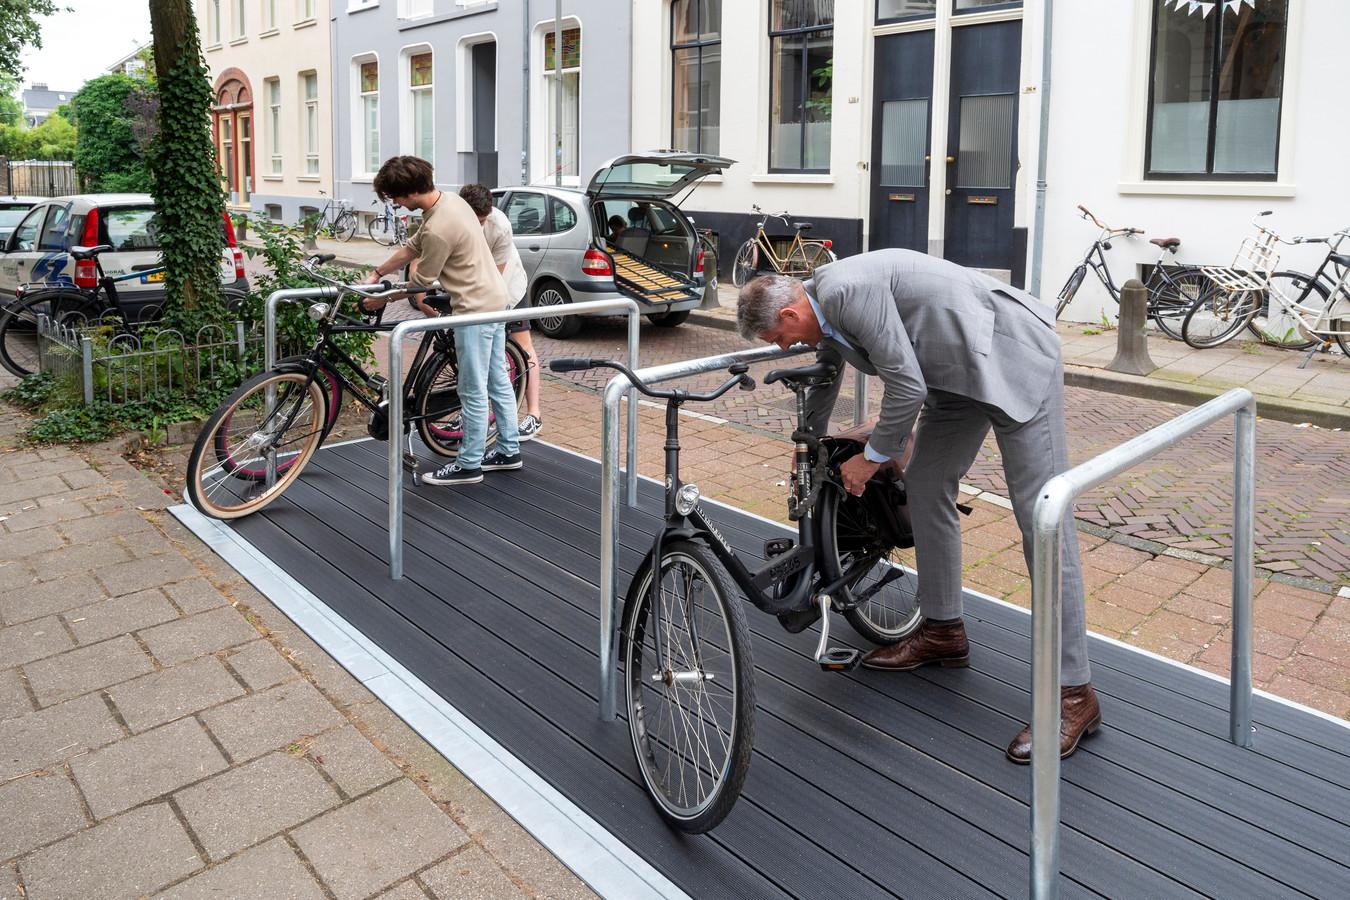 In de Driekoningenstraat opent wethouder Roeland van der Zee met enkele bewoners de eerste fietsvlonder in het Spijkerkwartier.